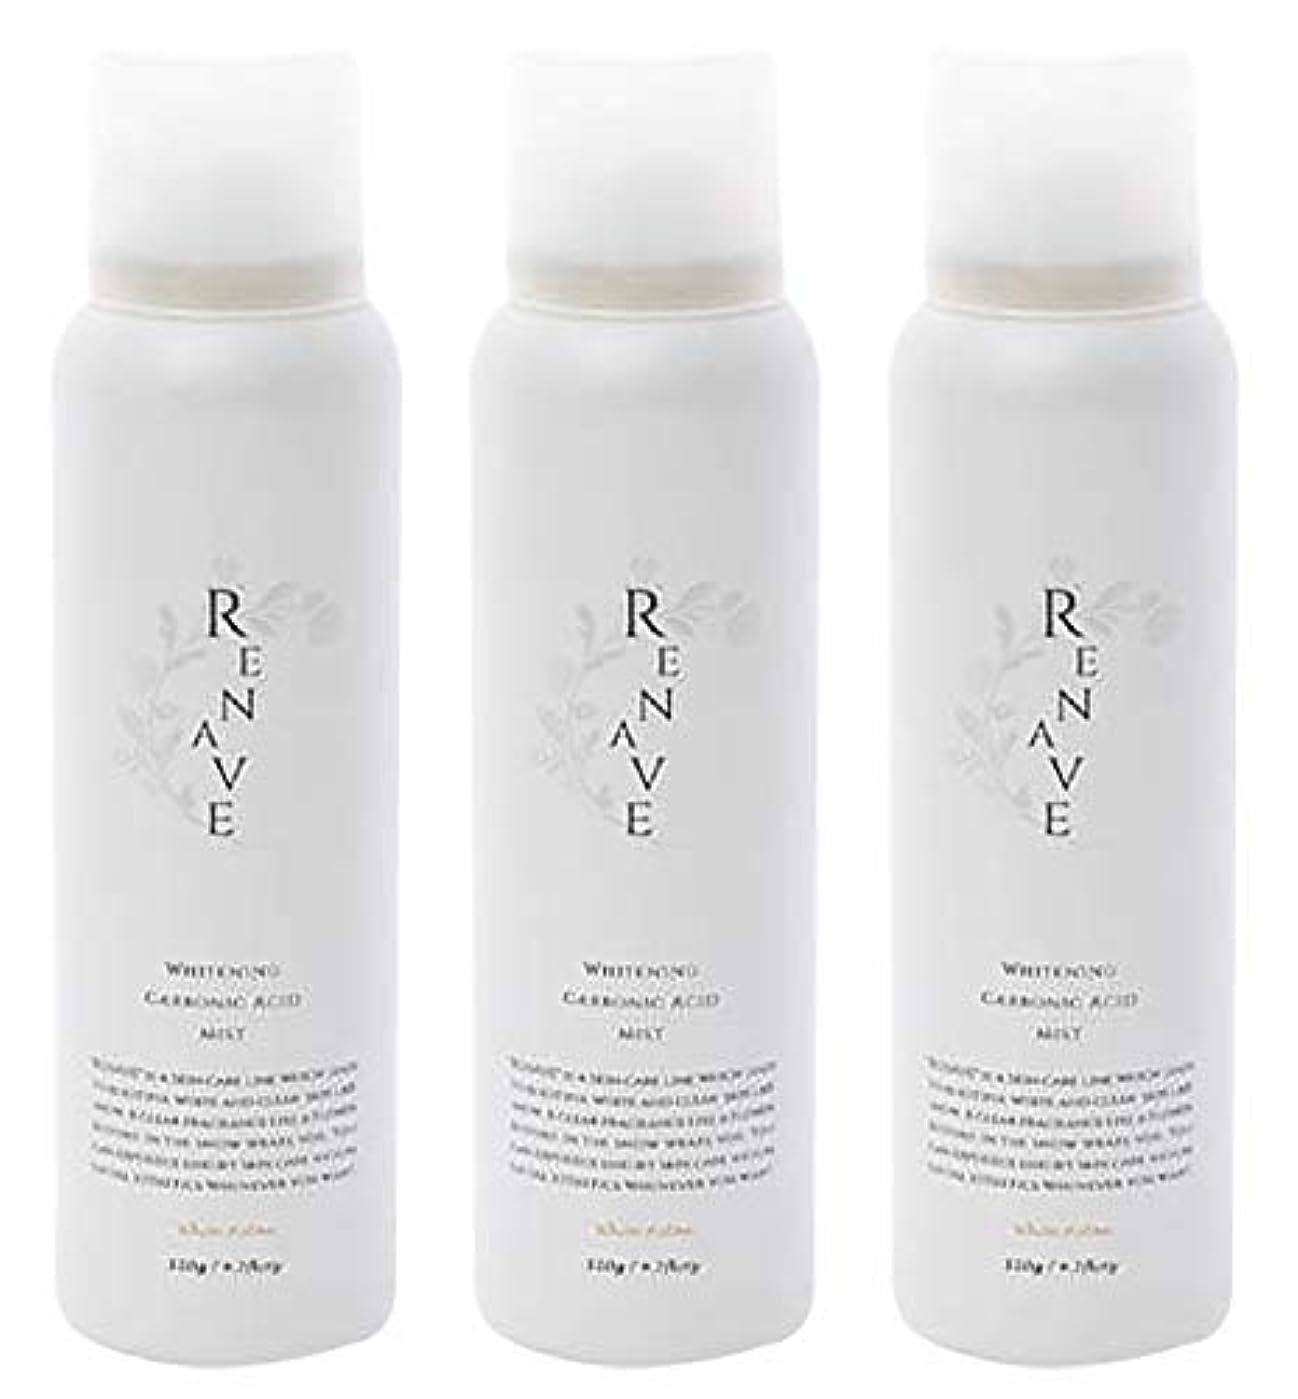 デッド提供された直立RENAVE(リネーヴェ) 高濃度炭酸ミスト 薬用美白化粧水 120ml 3本セット